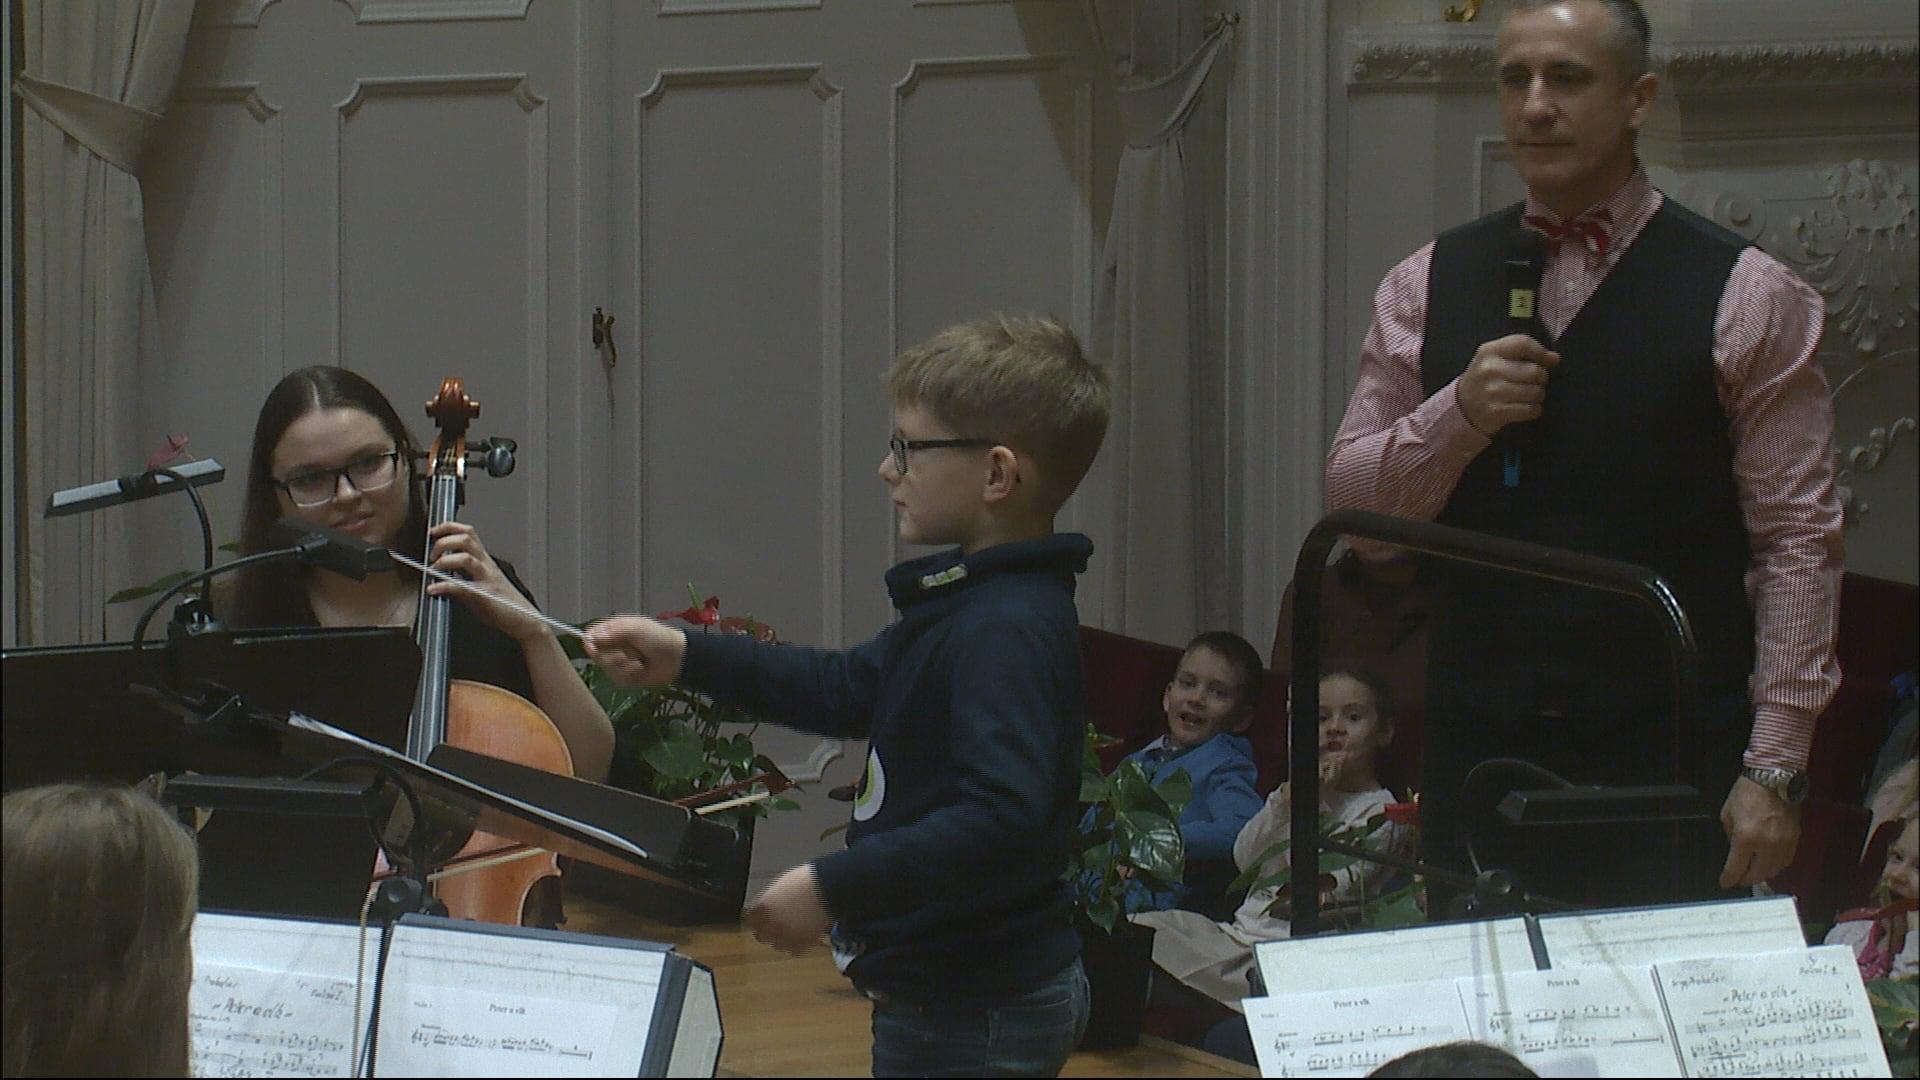 Hudobná akadémia III – Symfonický orchester Konzervatória v Bratislave